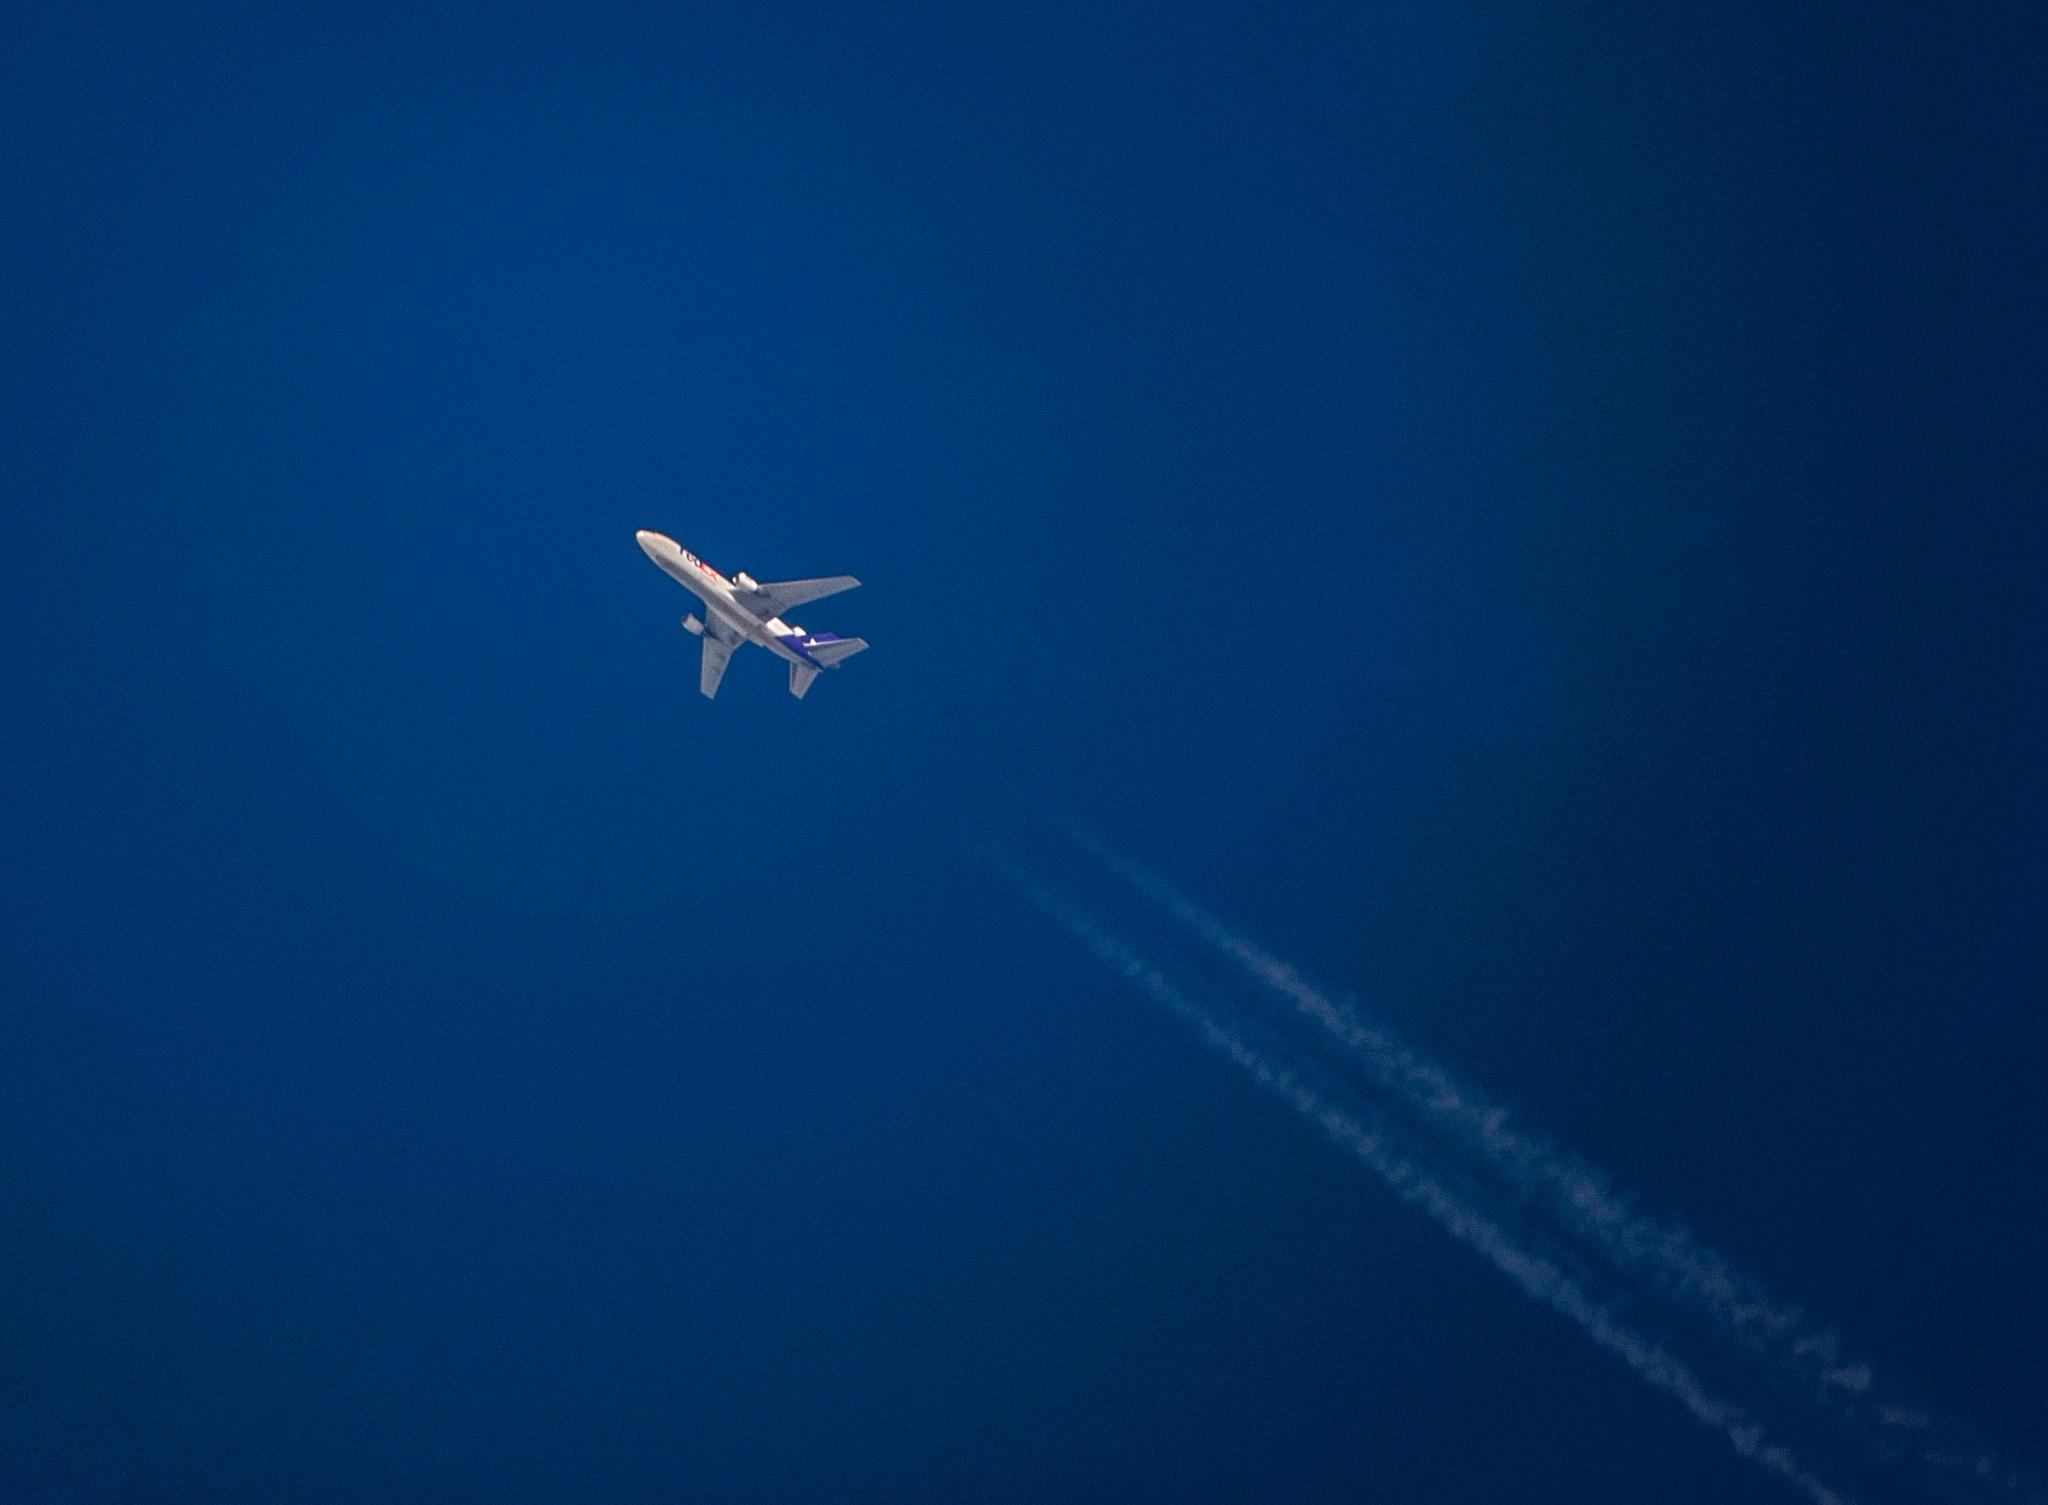 Fedex Jet by Austin Devine